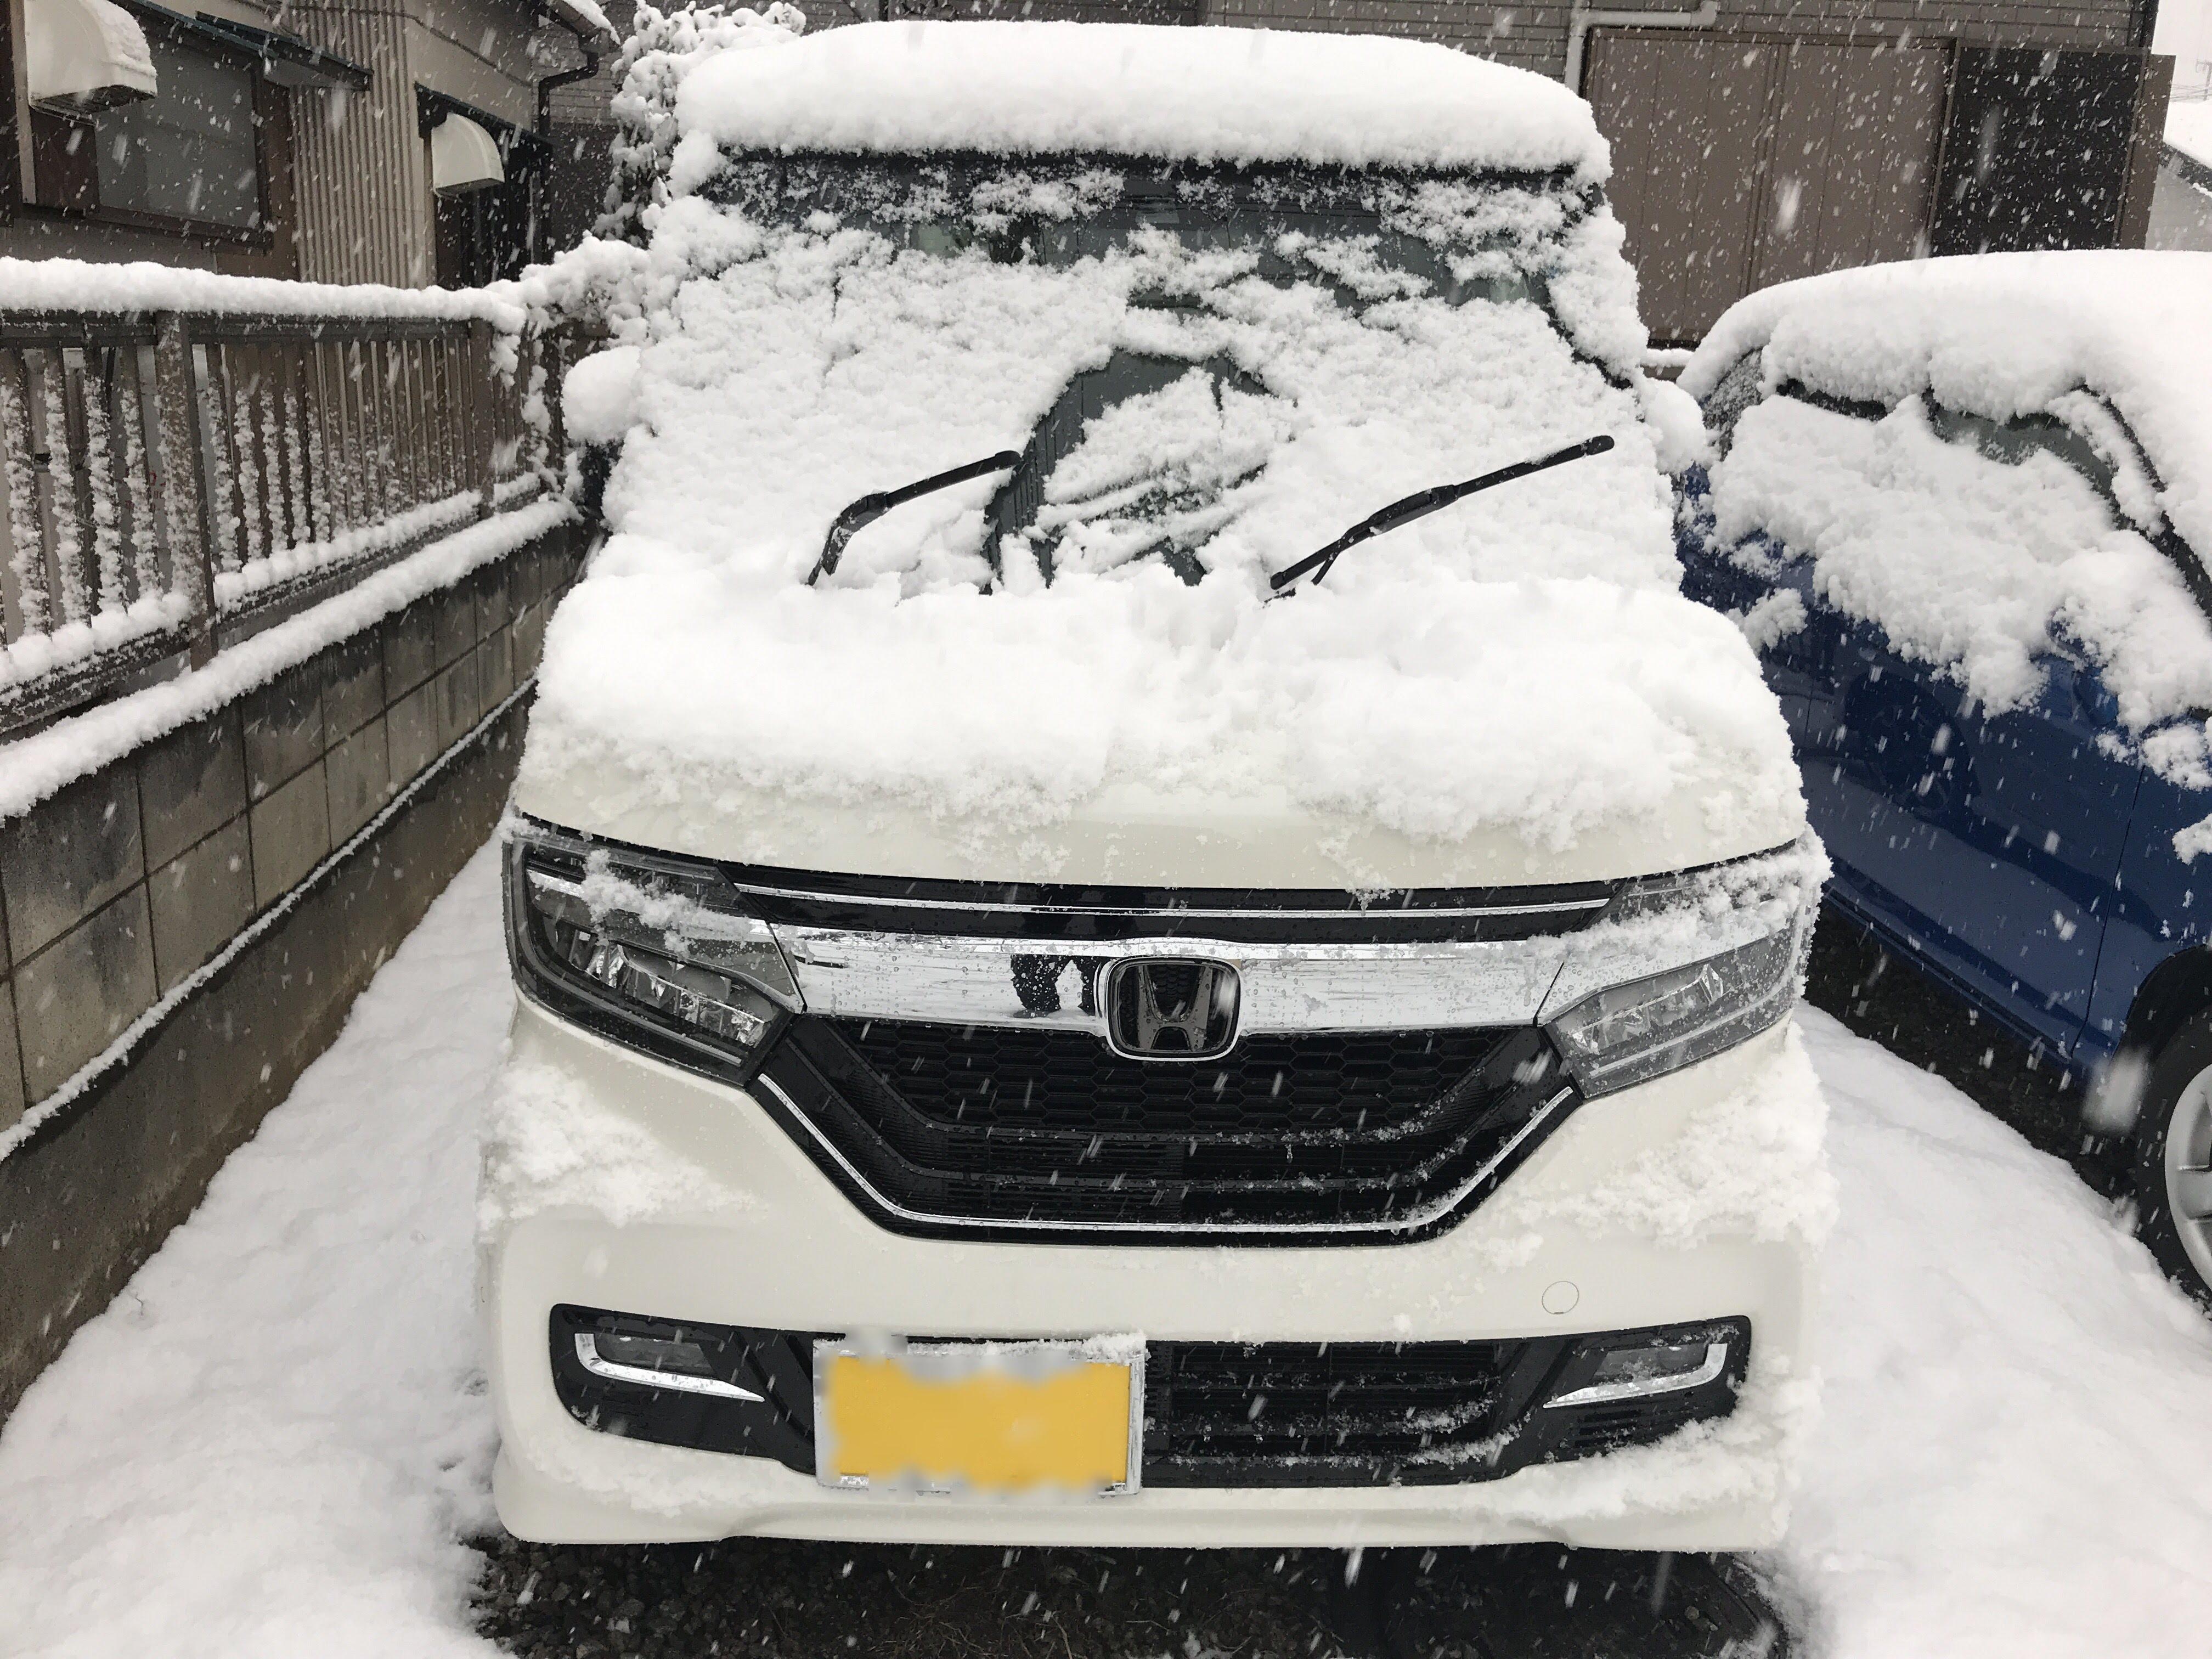 数年ぶりの大雪なのでワイパーを立てておきました^^;My N-BOXはツートンカラーからホワイト一色のボディへw